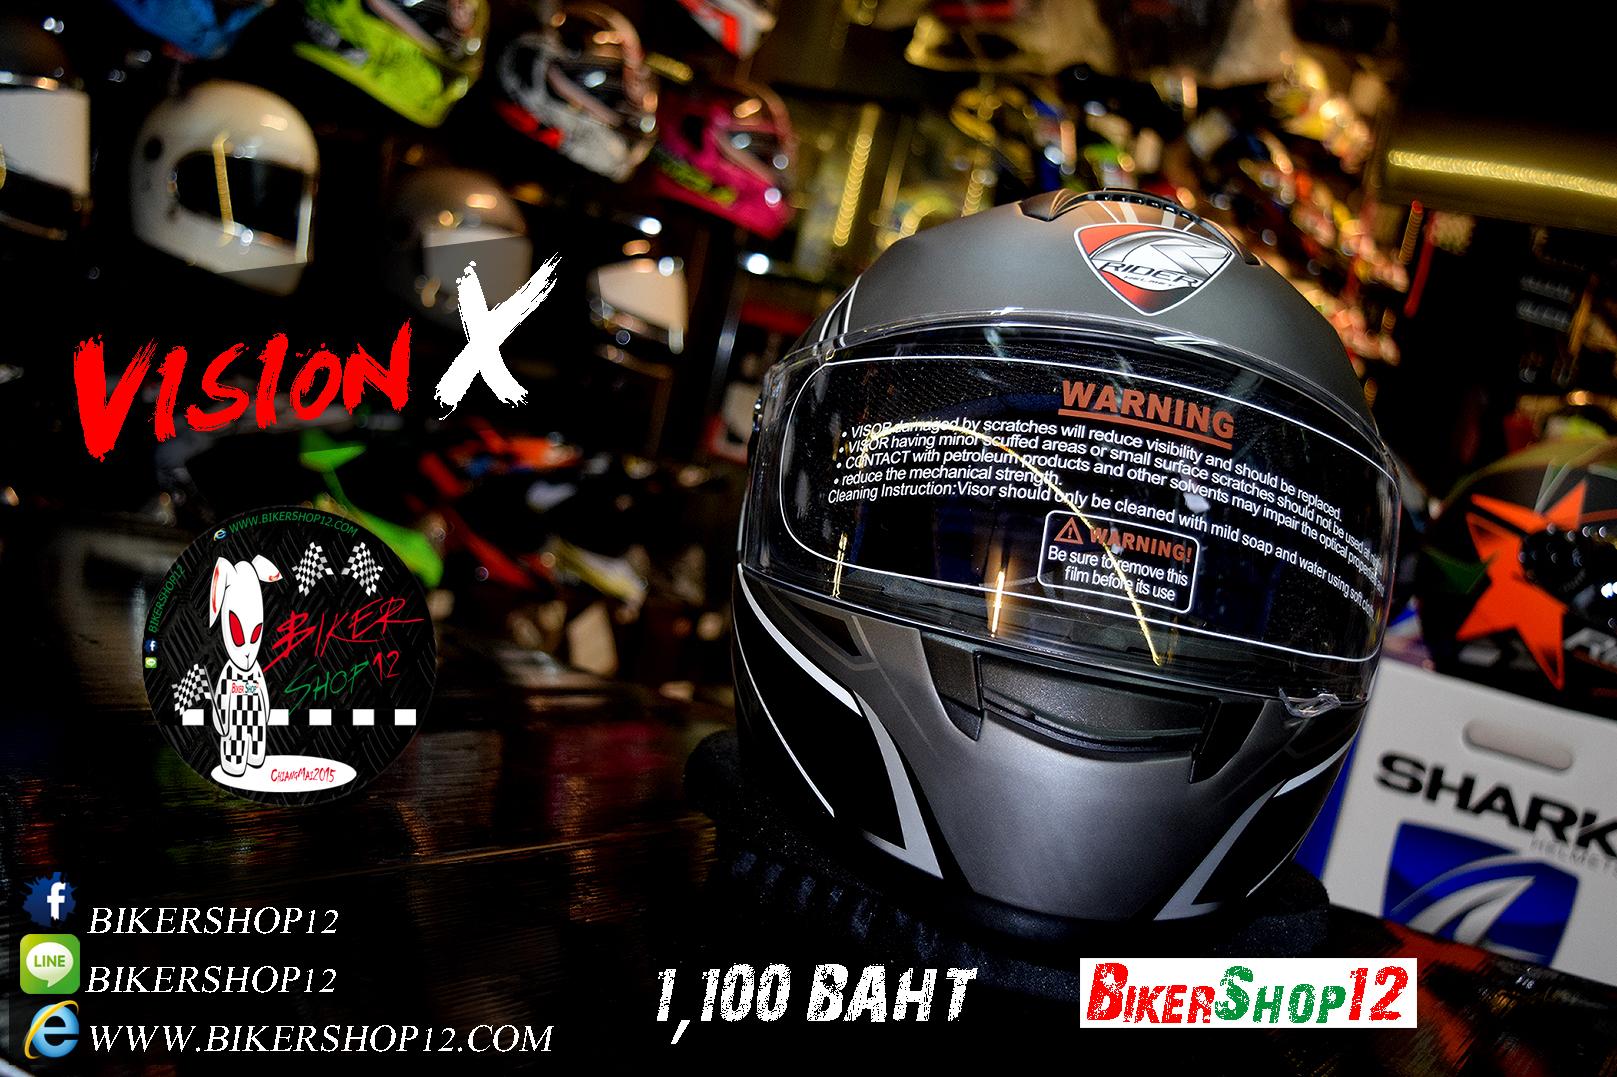 หมวกกันน็อคRider รุ่น Vision X สี Dot Black White สำเนา